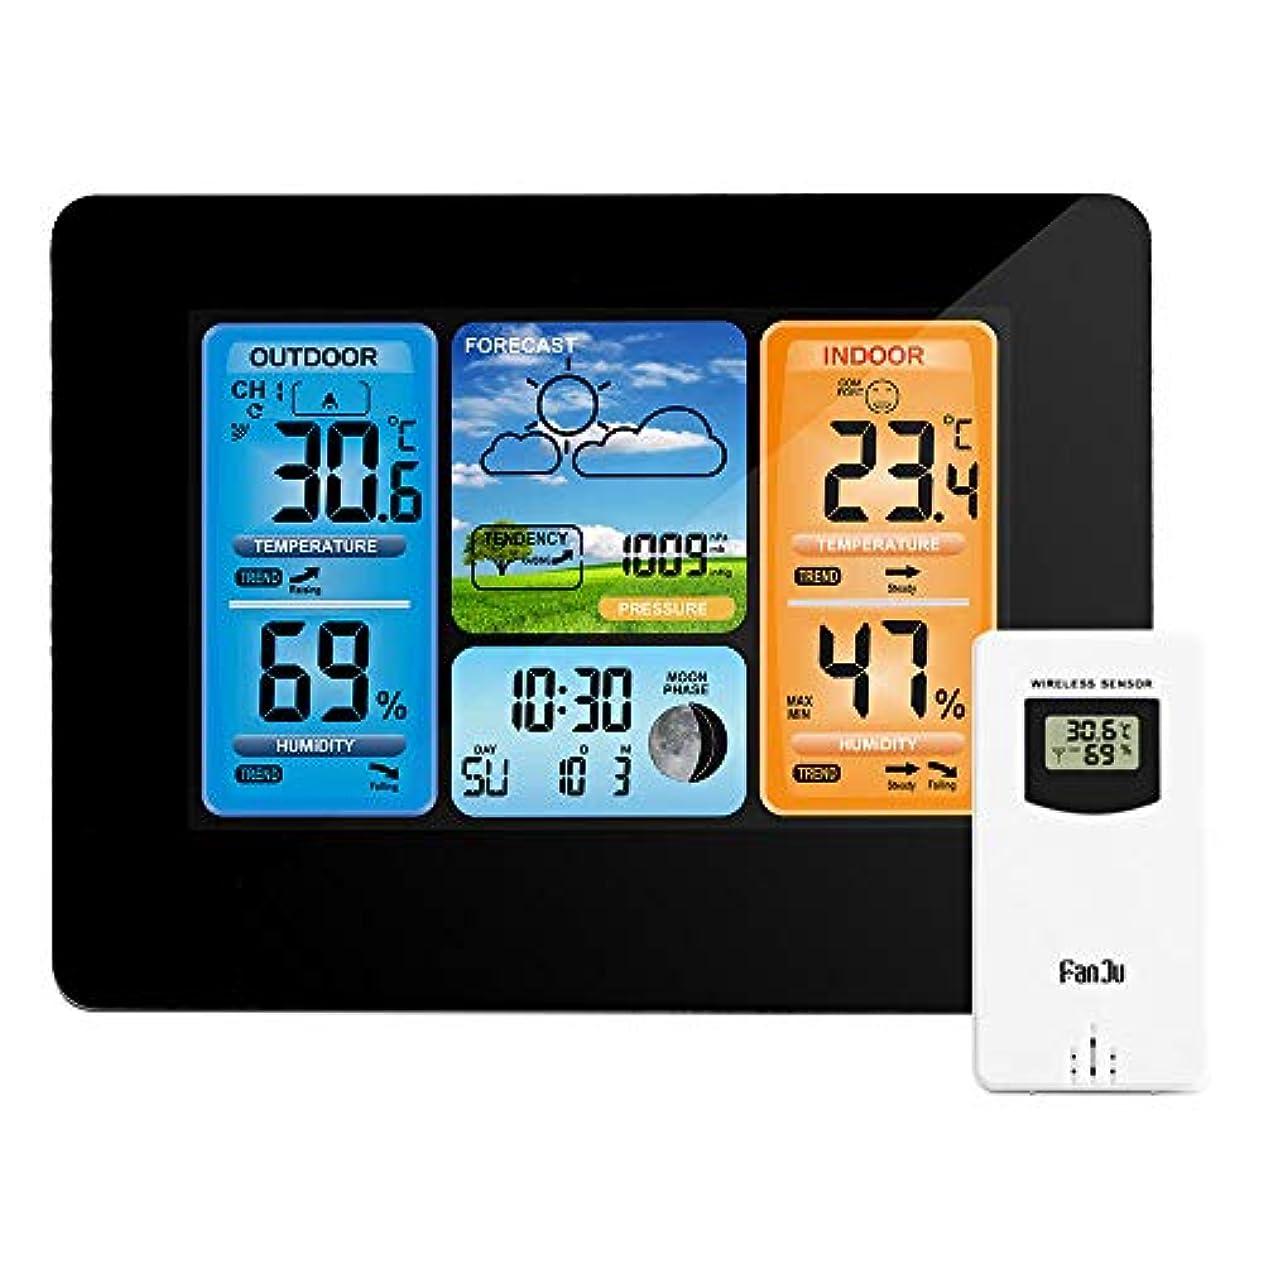 驚くべき看板夫婦天気ステーションデジタル温度計湿度計ワイヤレスセンサー予測温度時計ウォールデスク目覚まし時計